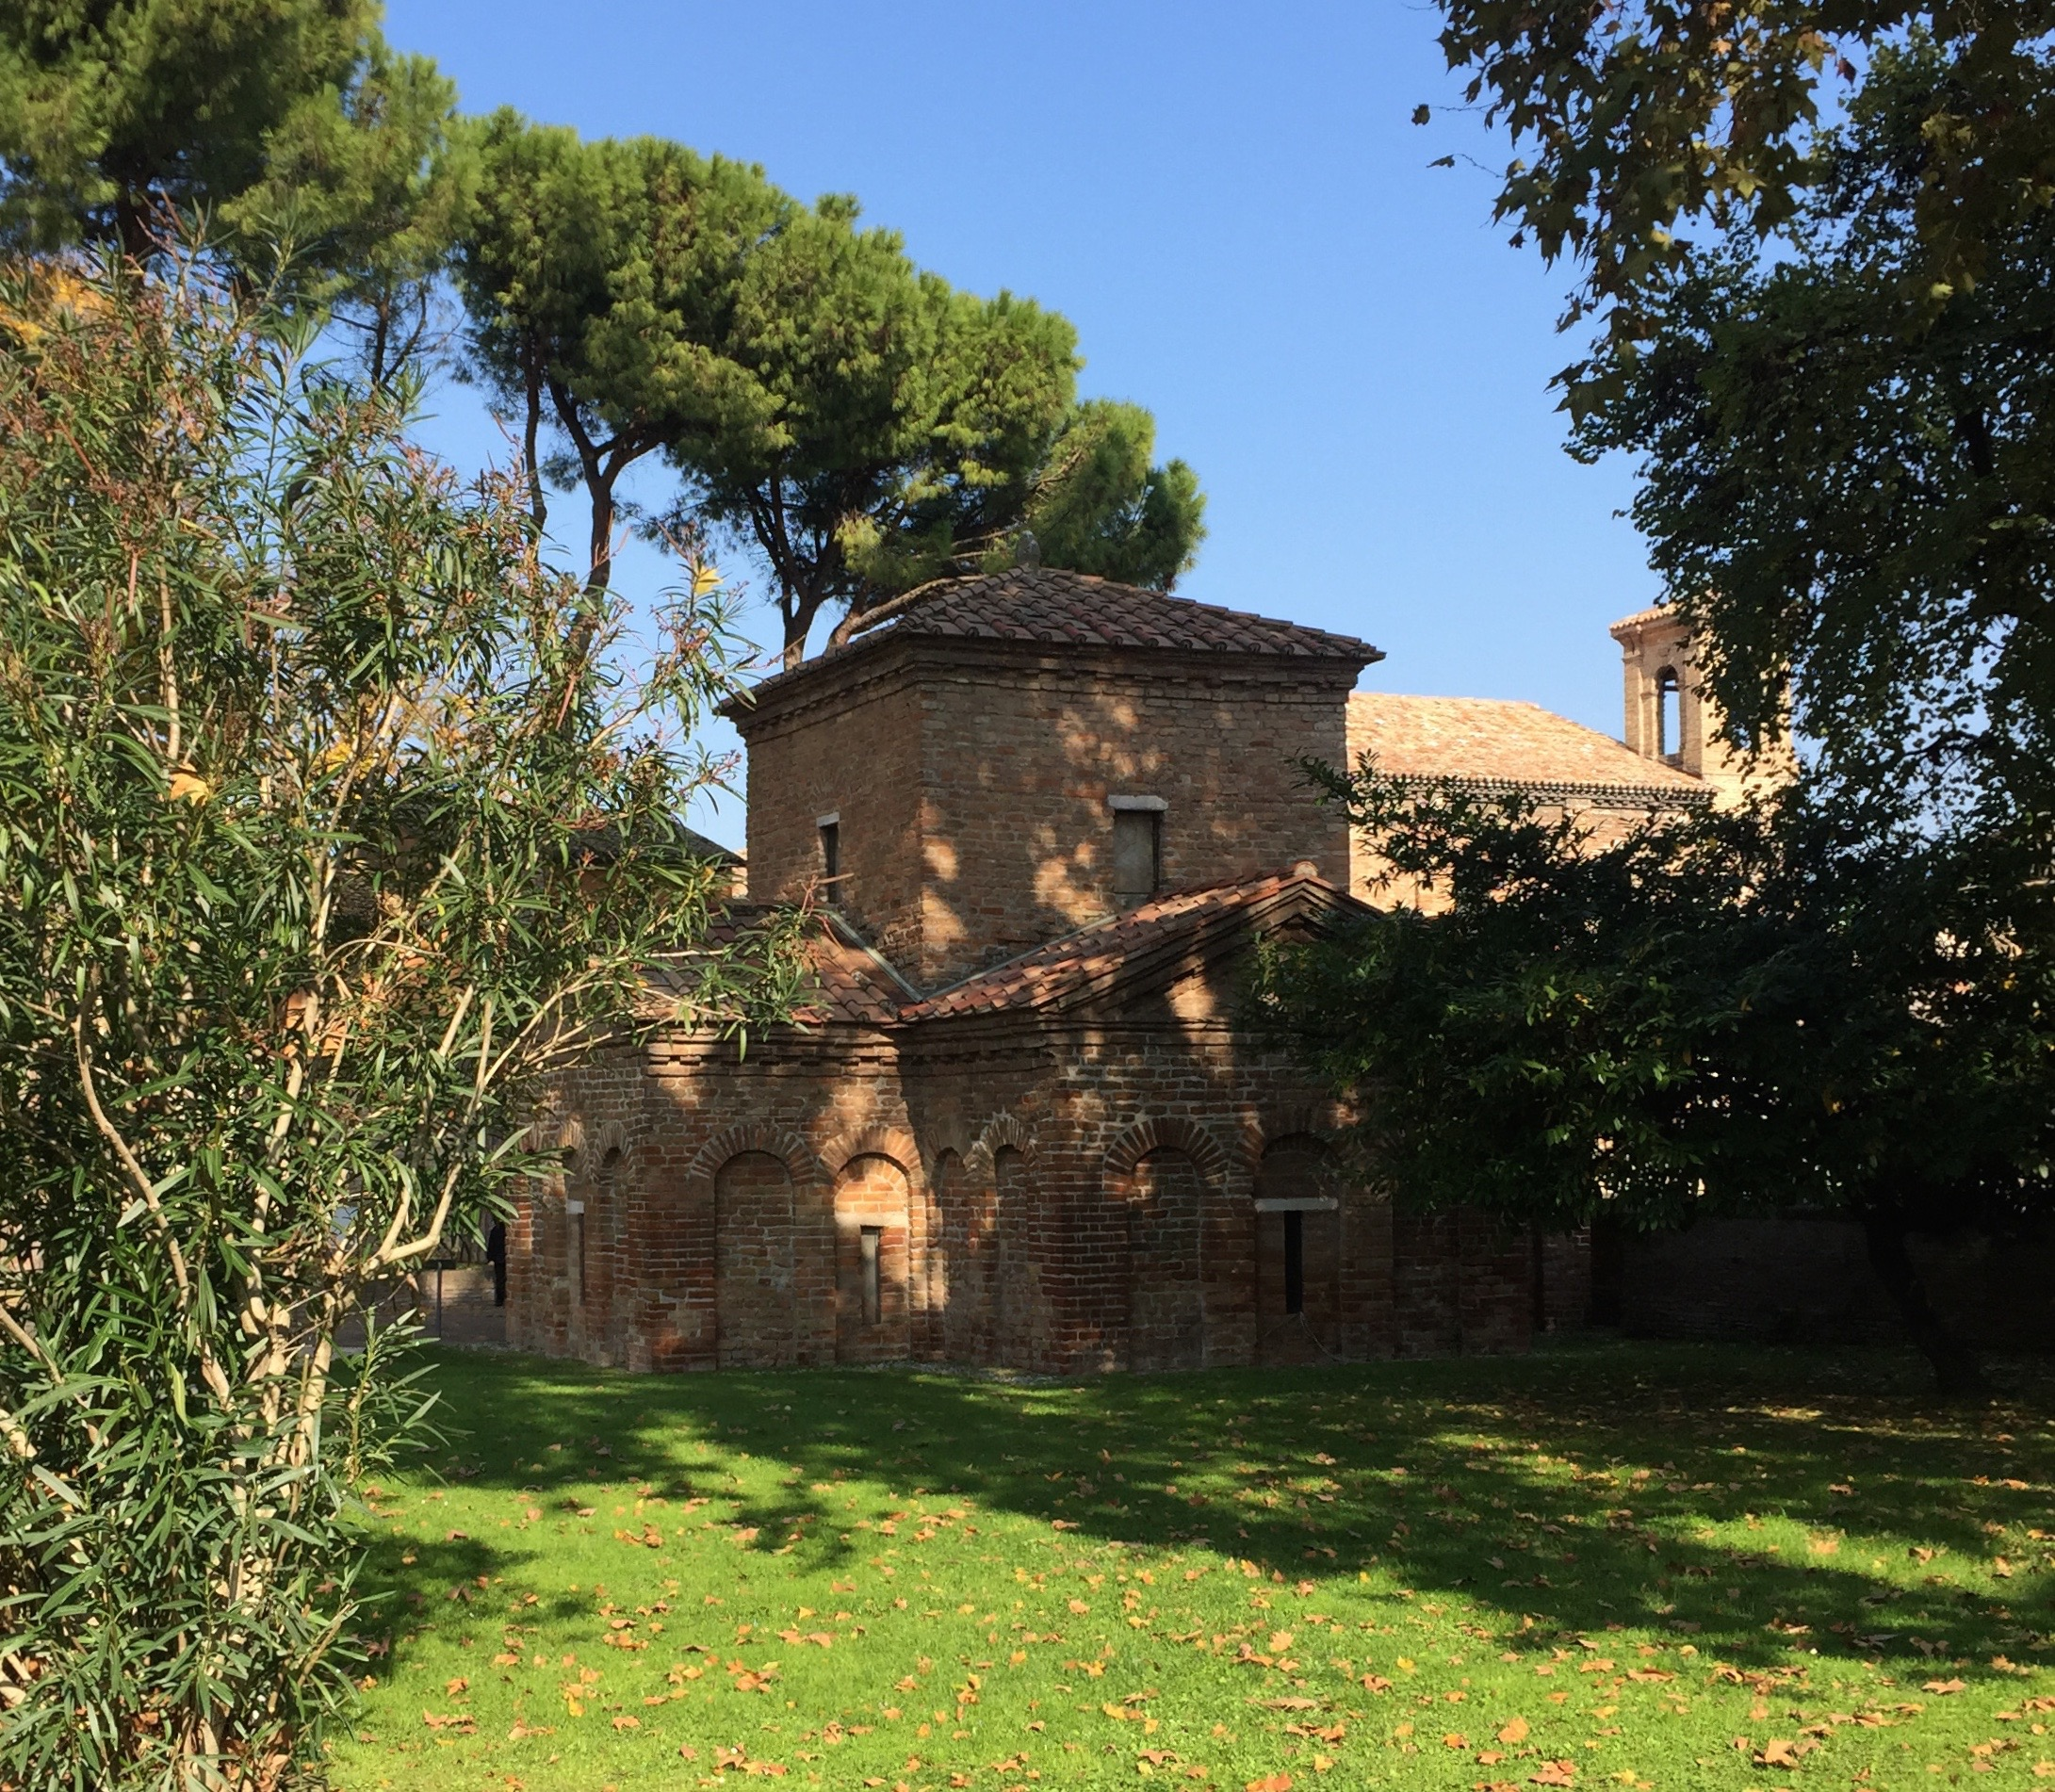 Exterior of the Mausoleo di Galla Placidia, 425-450 A.D.